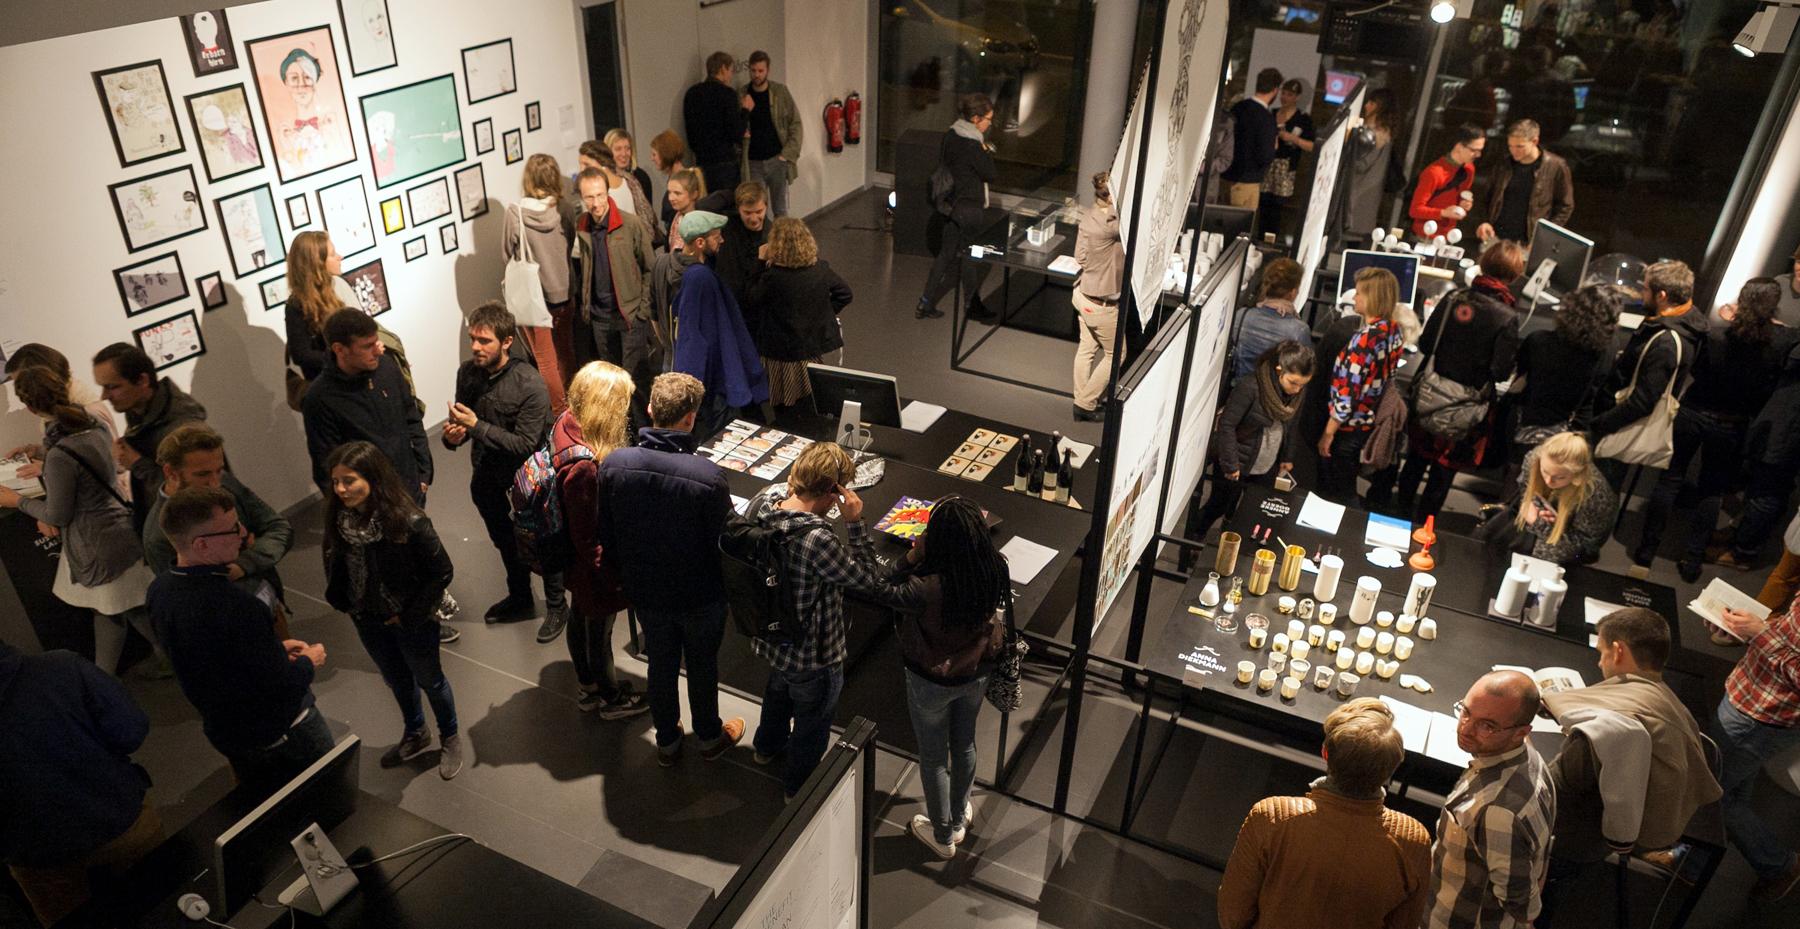 Applaus2014_Impression_der_Ausstellung_02